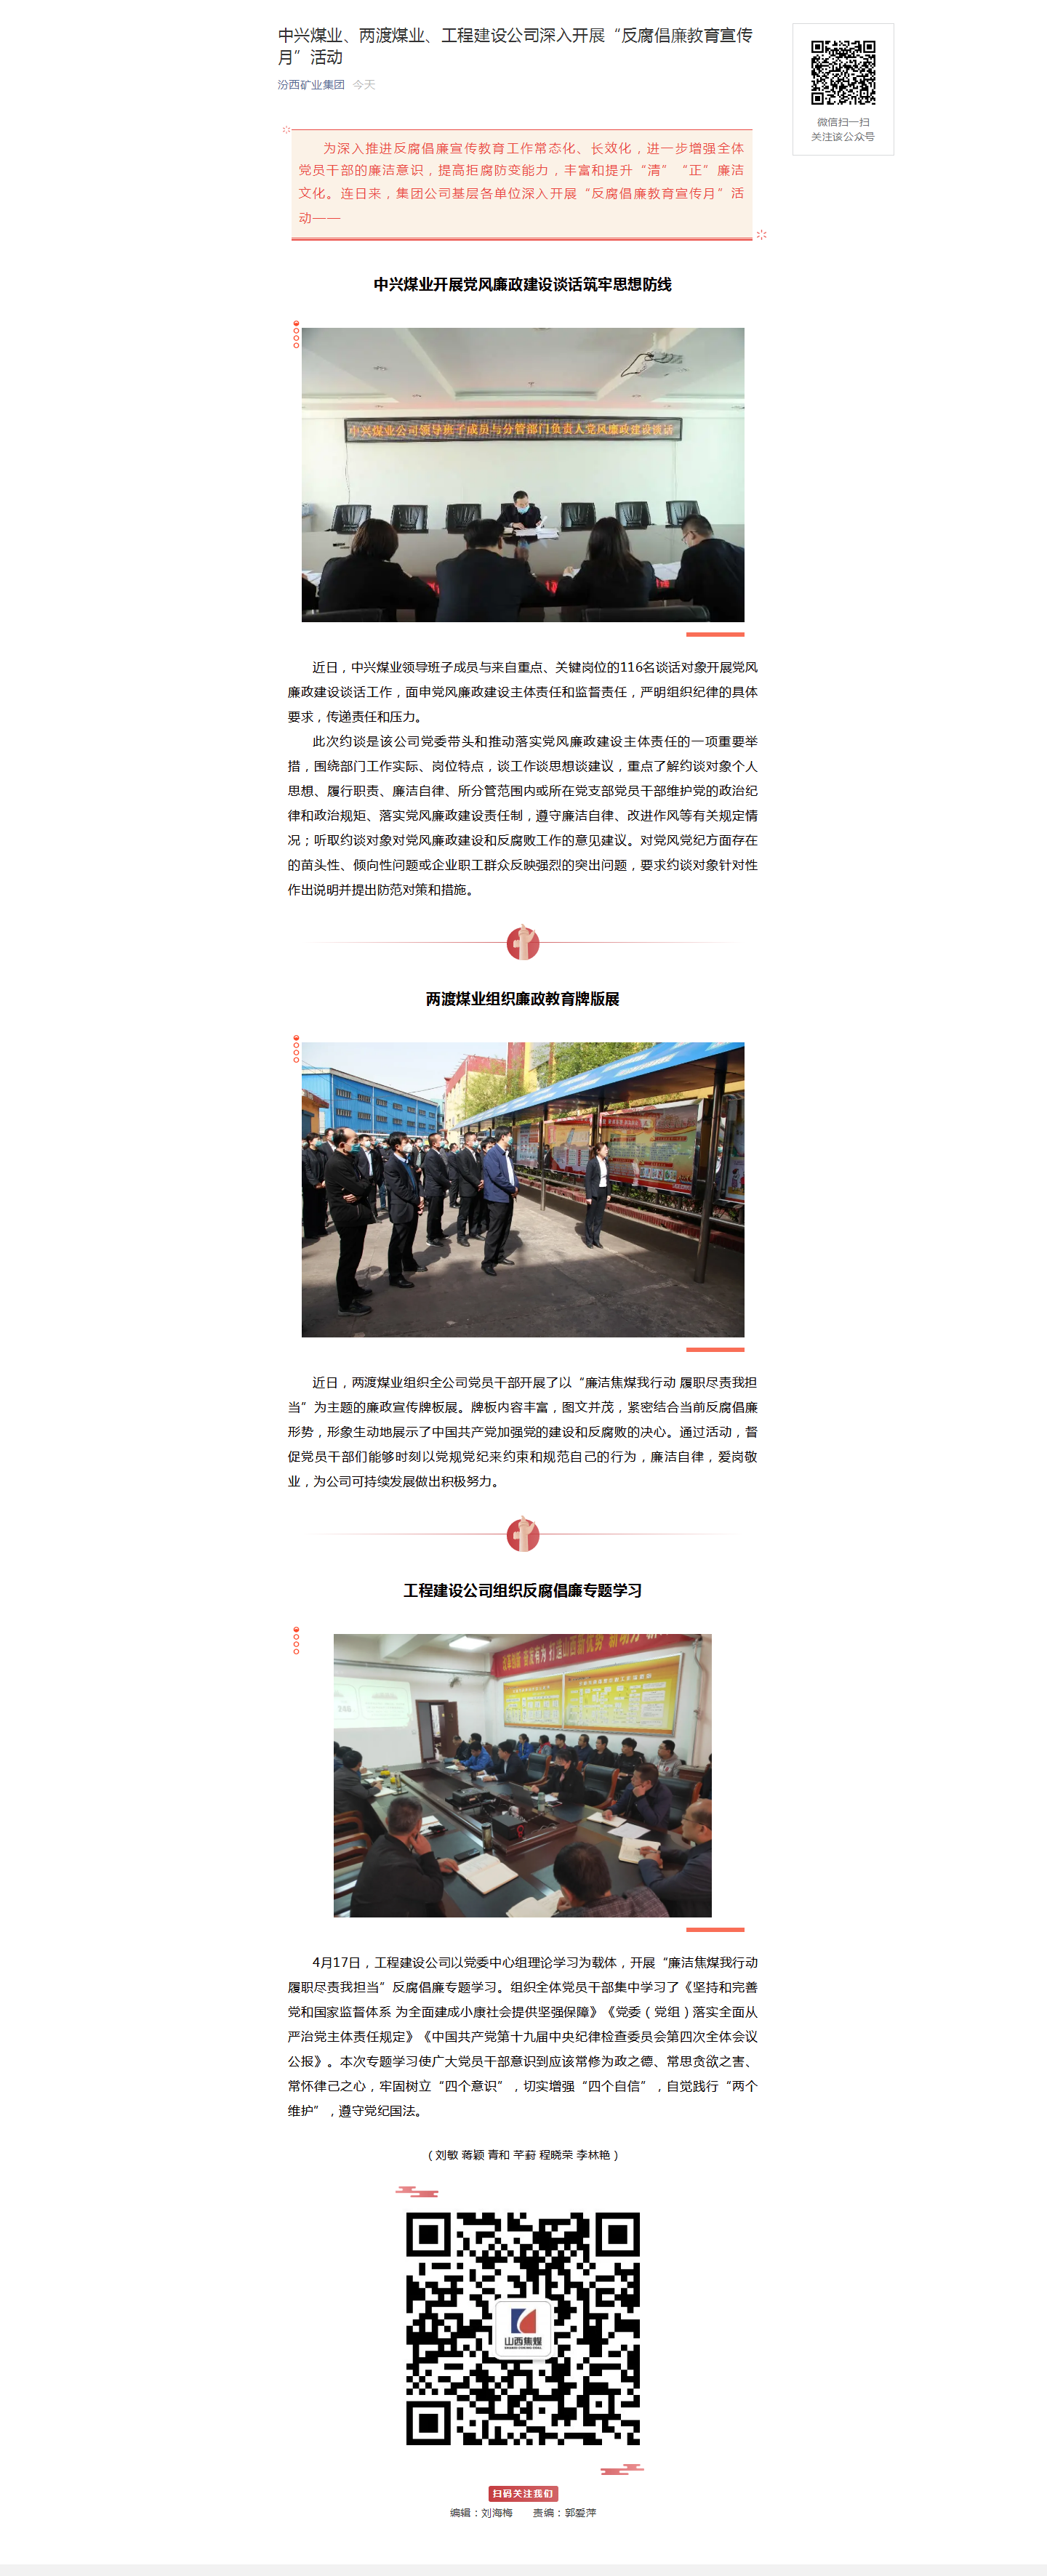 """中兴煤业、两渡煤业、工程建设公司深入开展""""反腐倡廉教育宣传月""""活动.png"""